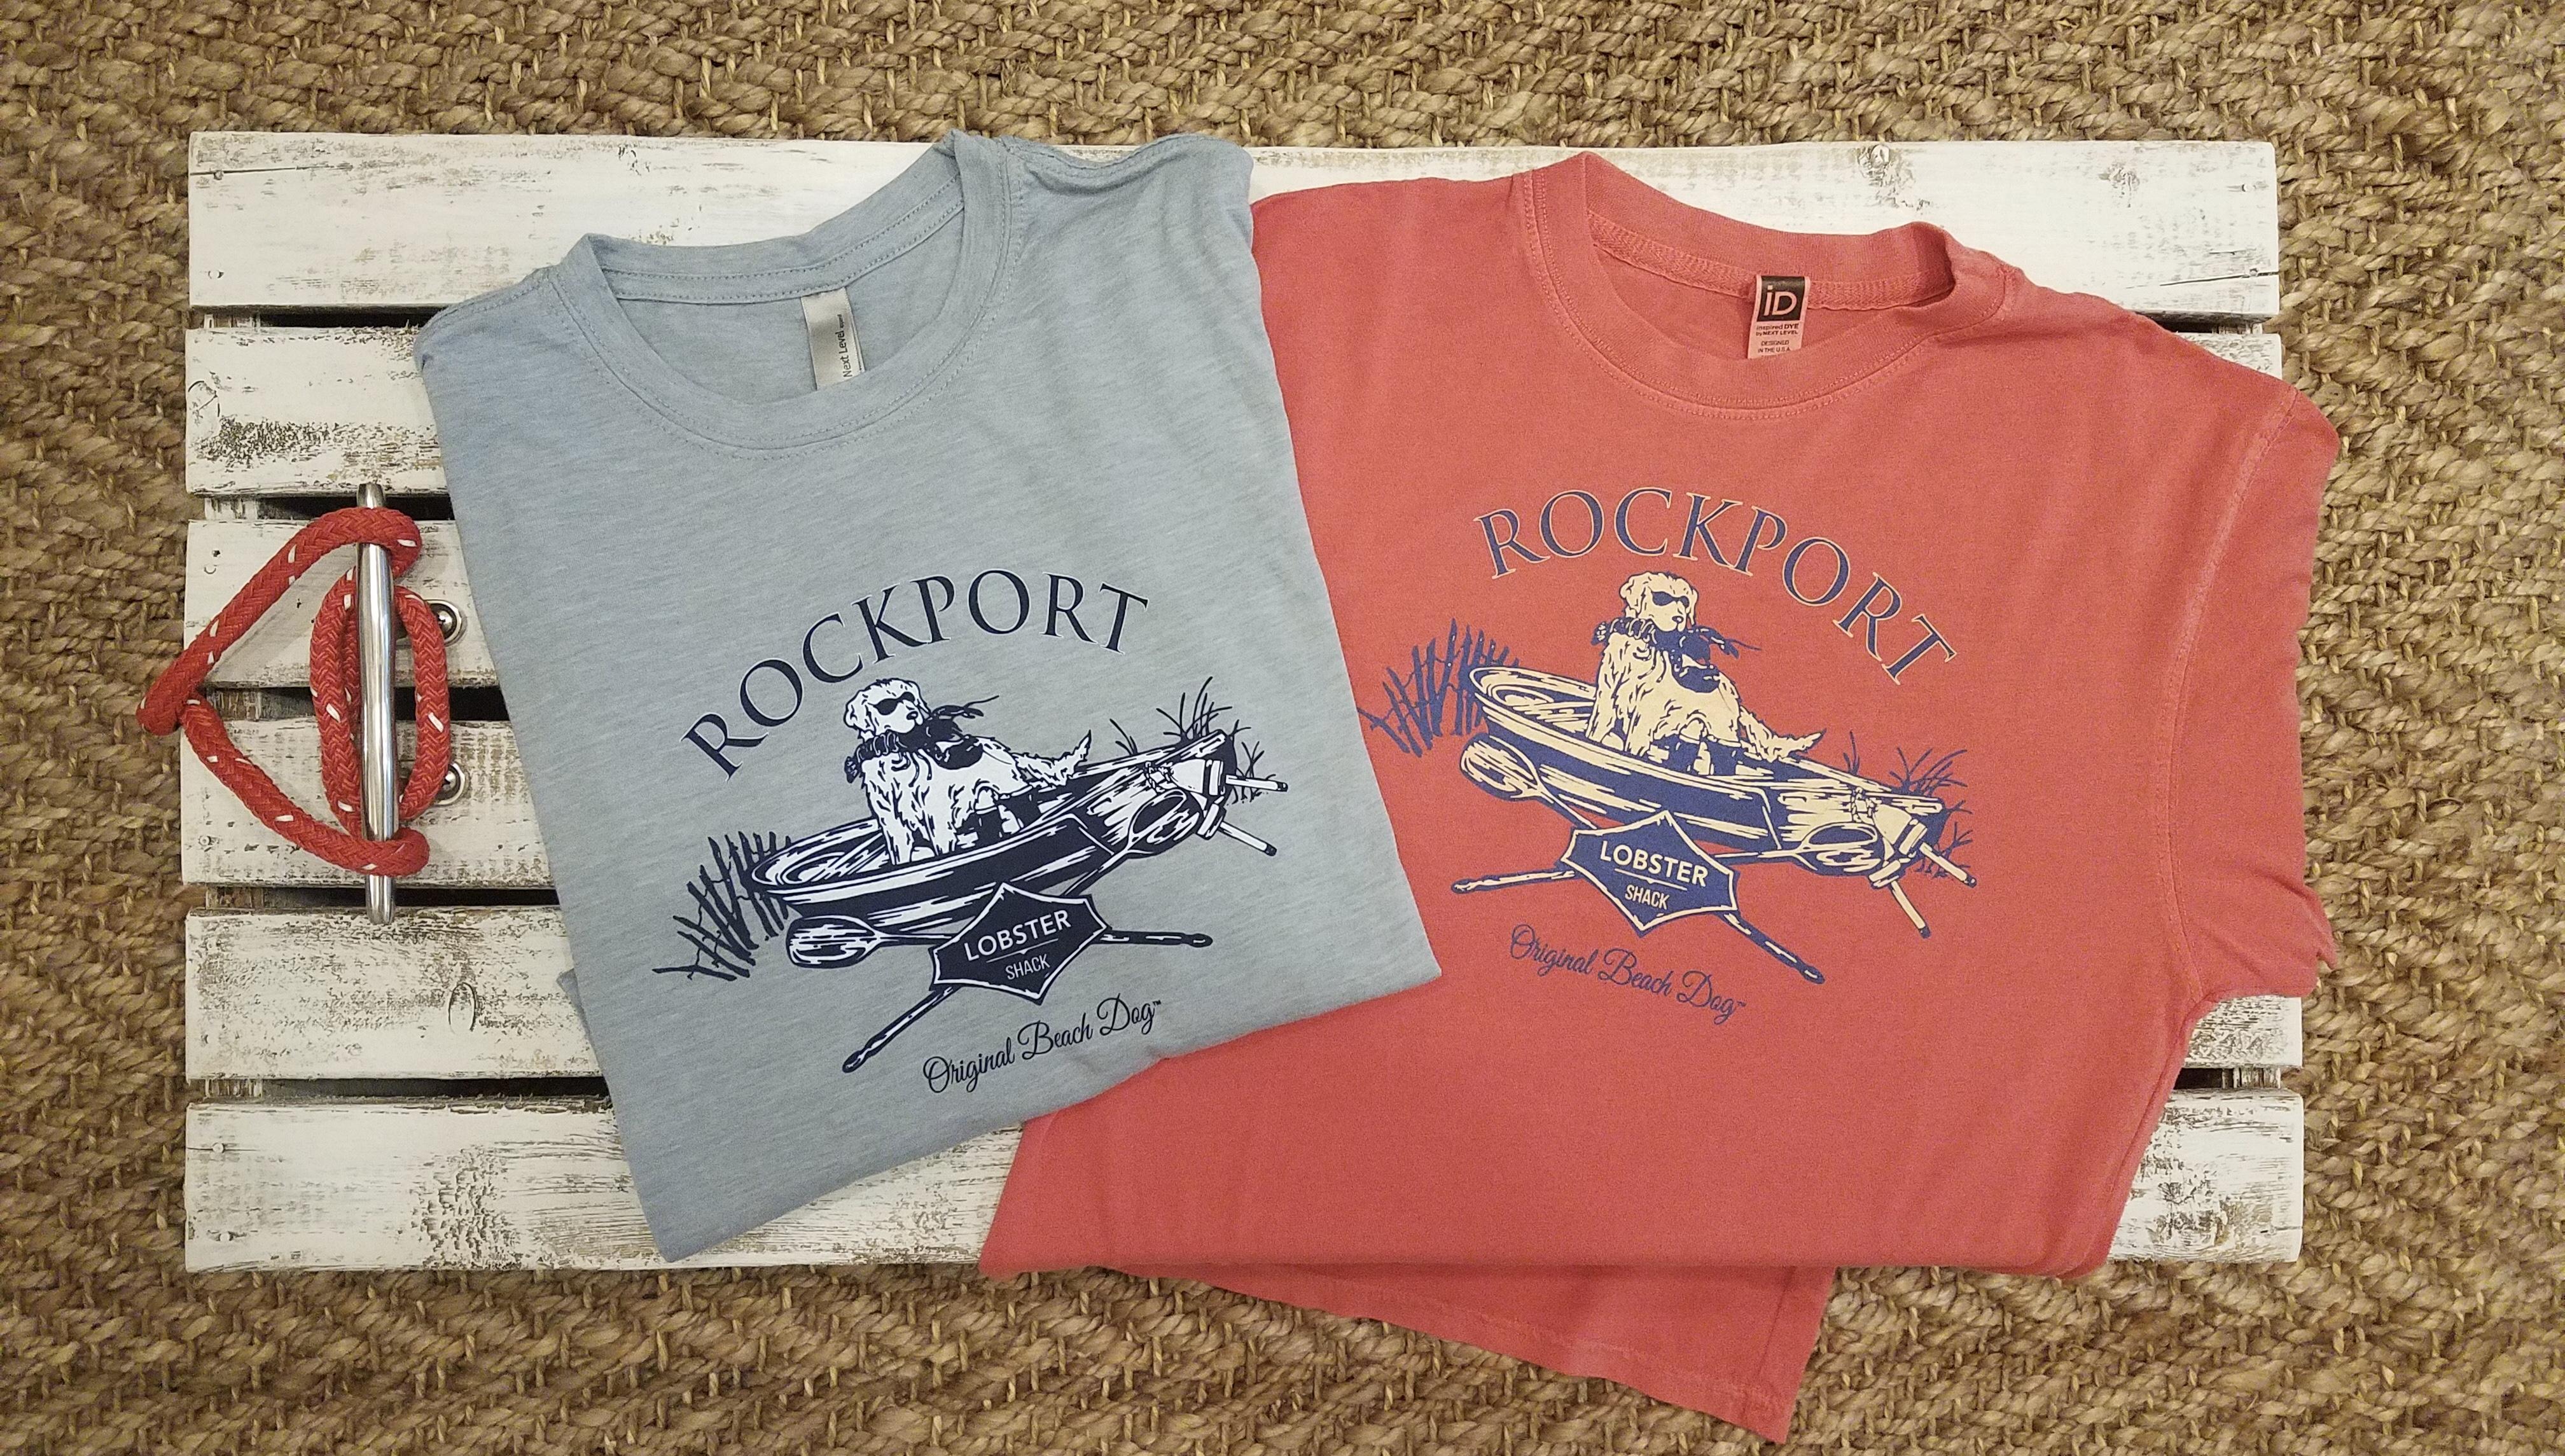 d9ae87a49ec1 Lobster Dog $25.95/XS-XL $27.95/XXL Nantucket Red (Cotton) Light Blue  (Cotton Blend)